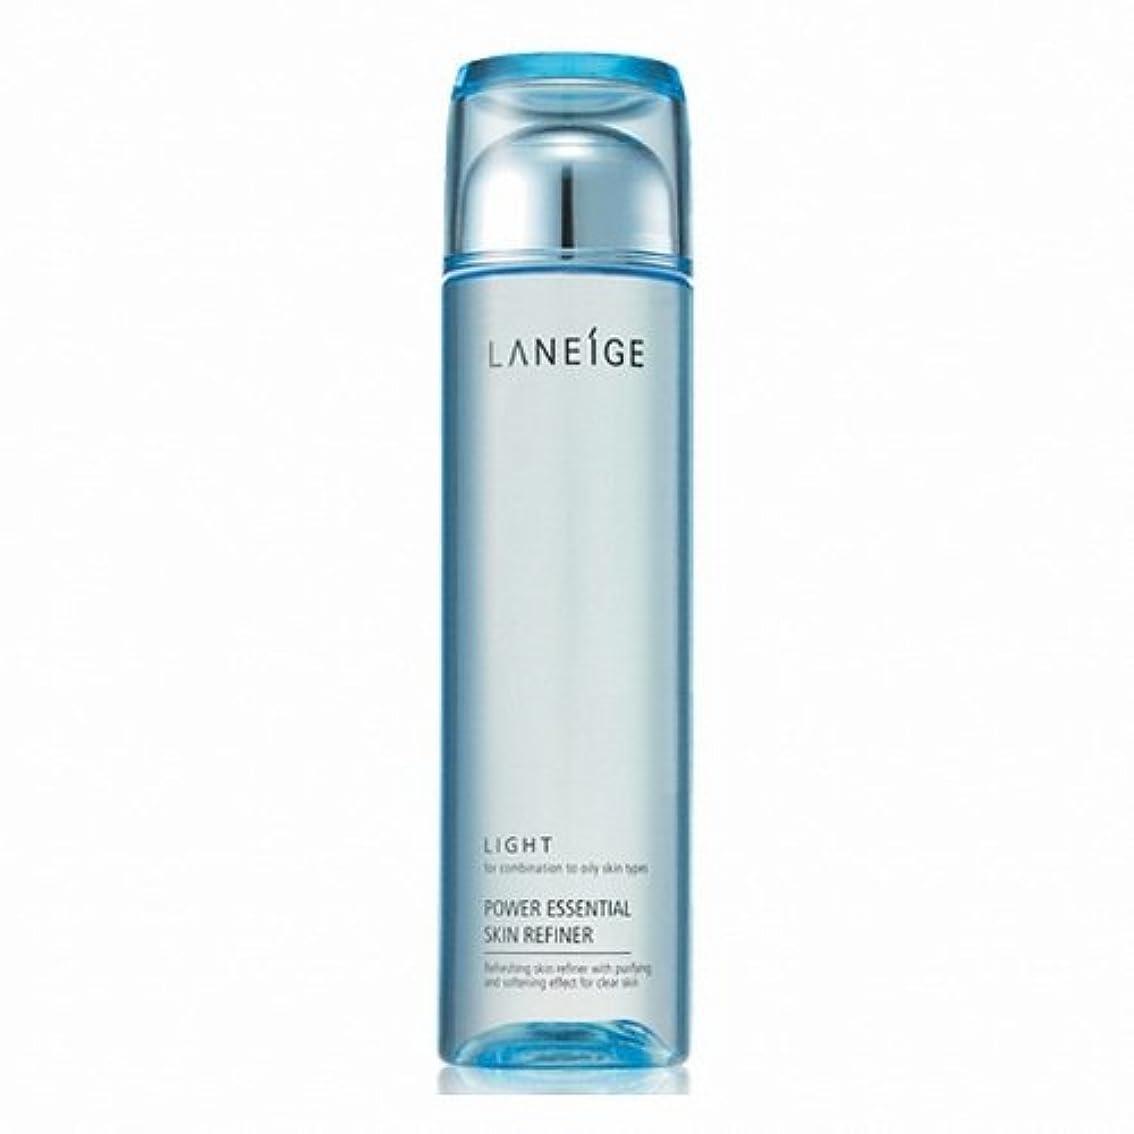 エッセンス定数大量LANEIGE Power Essential Skin Refiner (Light) 200ml [Korean Import]